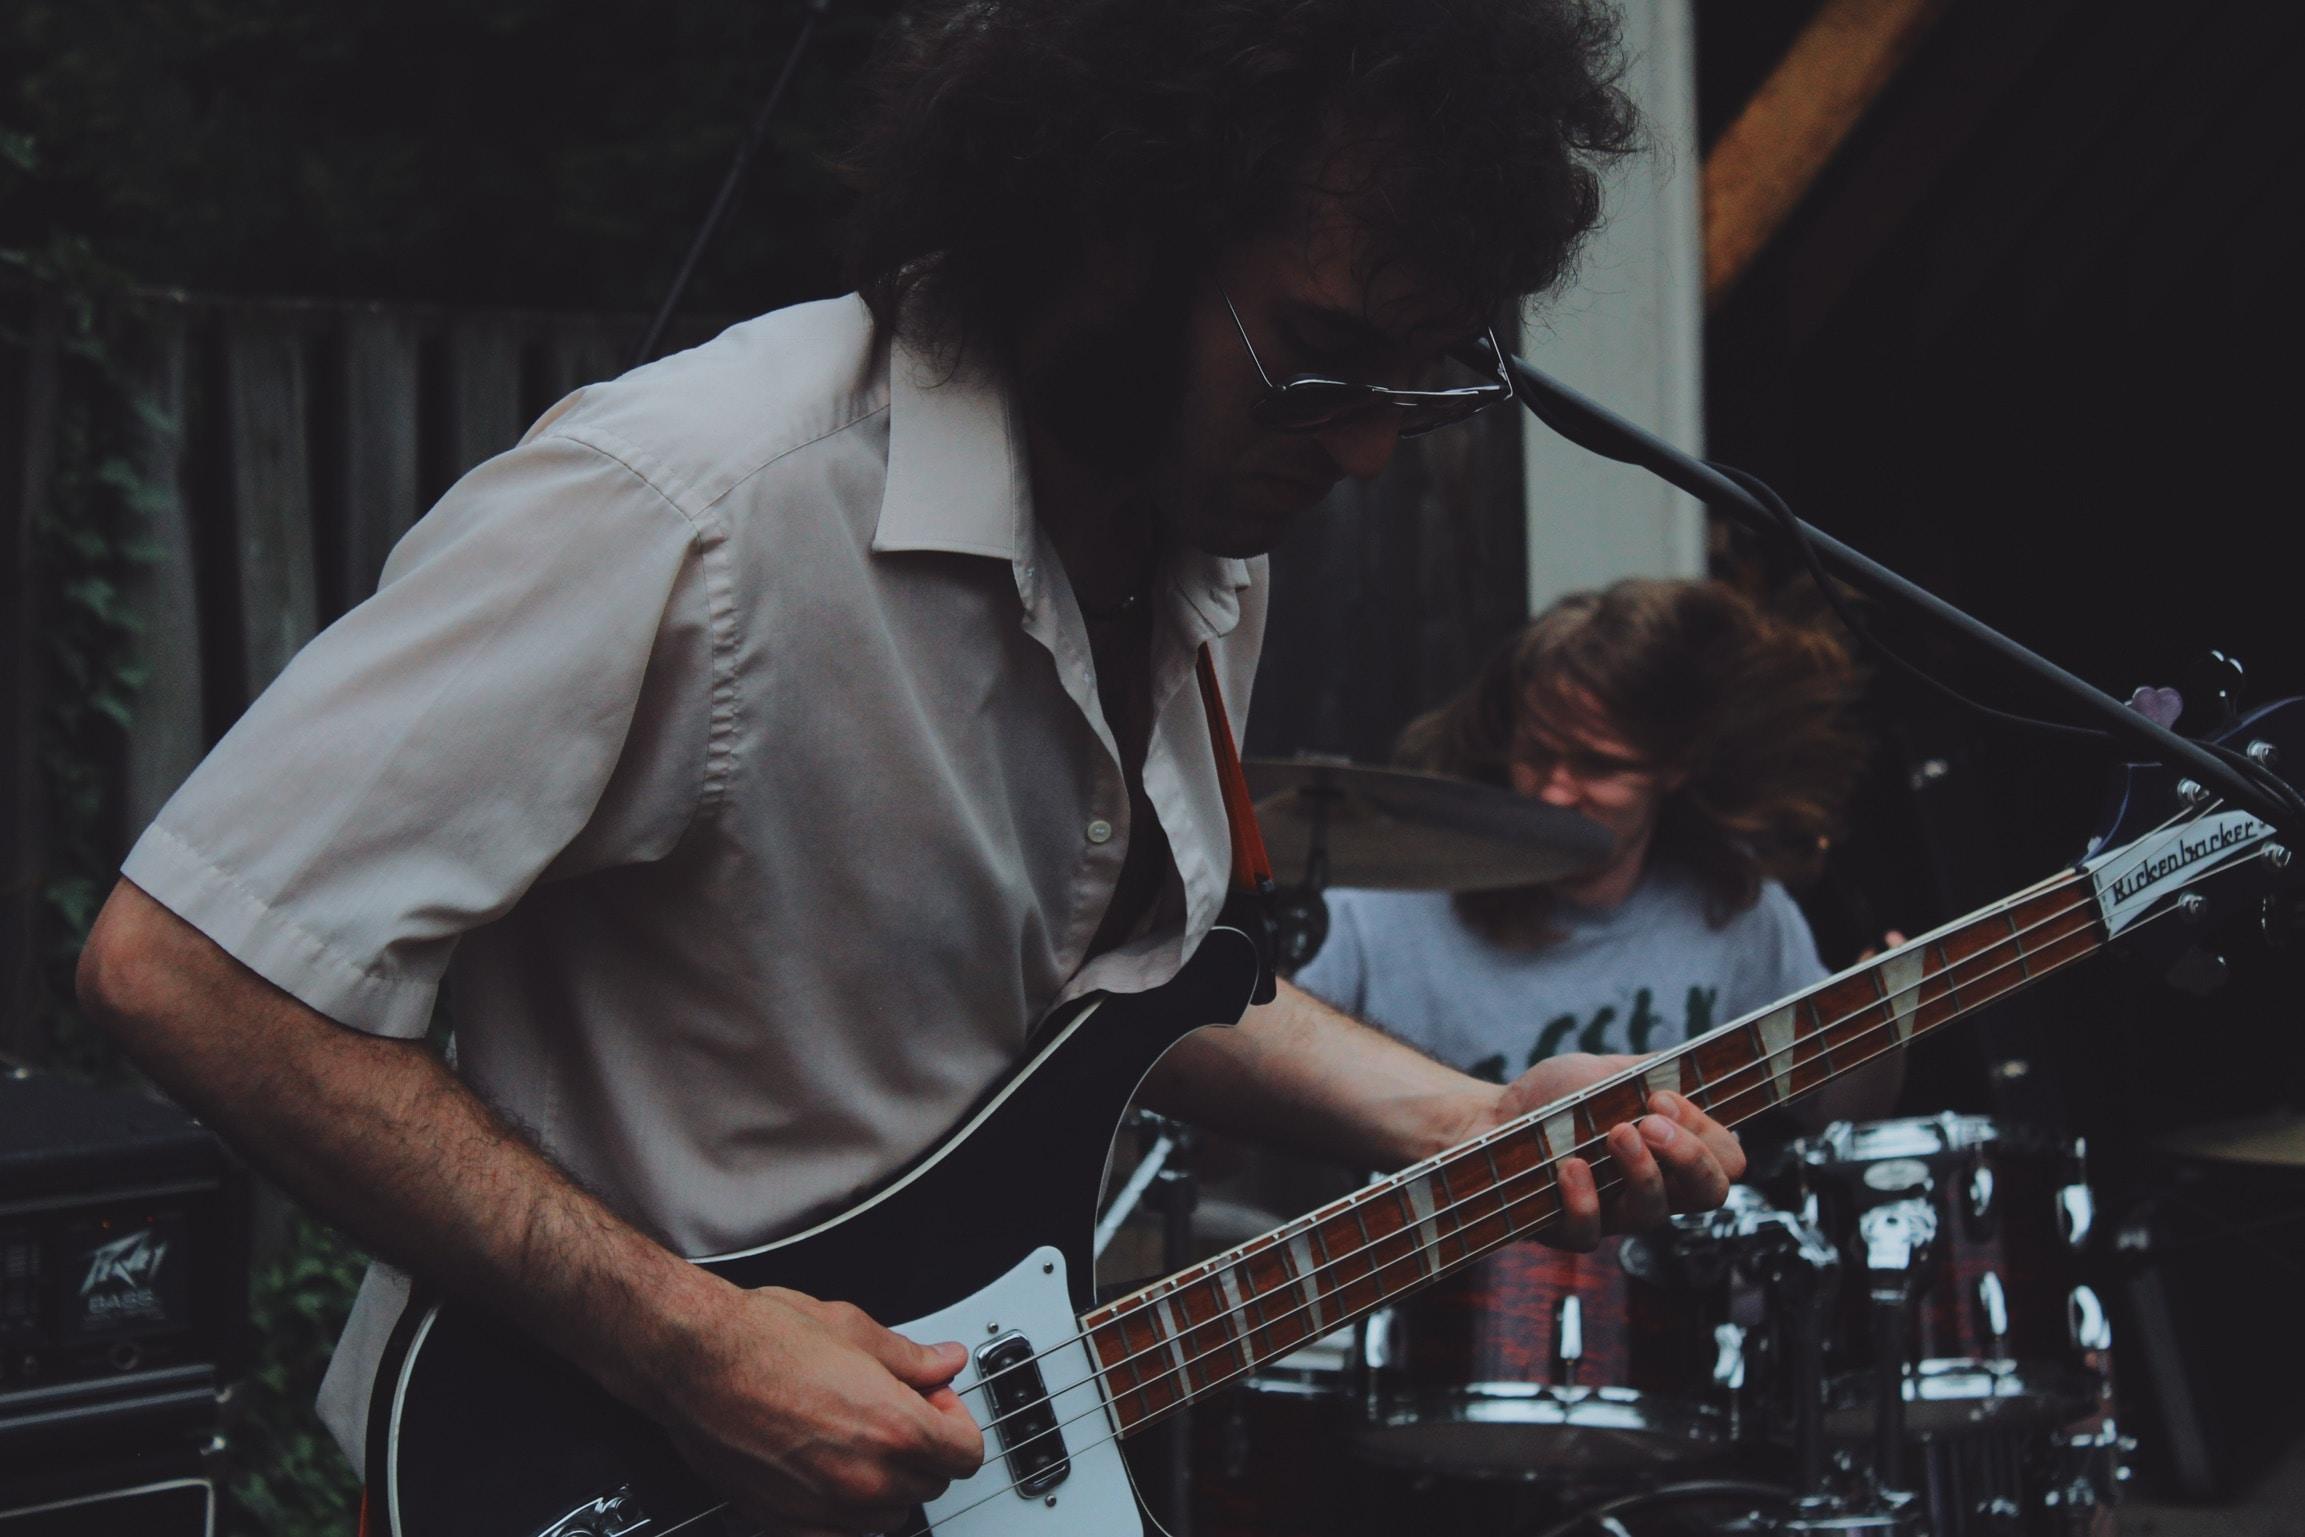 man playhing guitar beside man playing drums